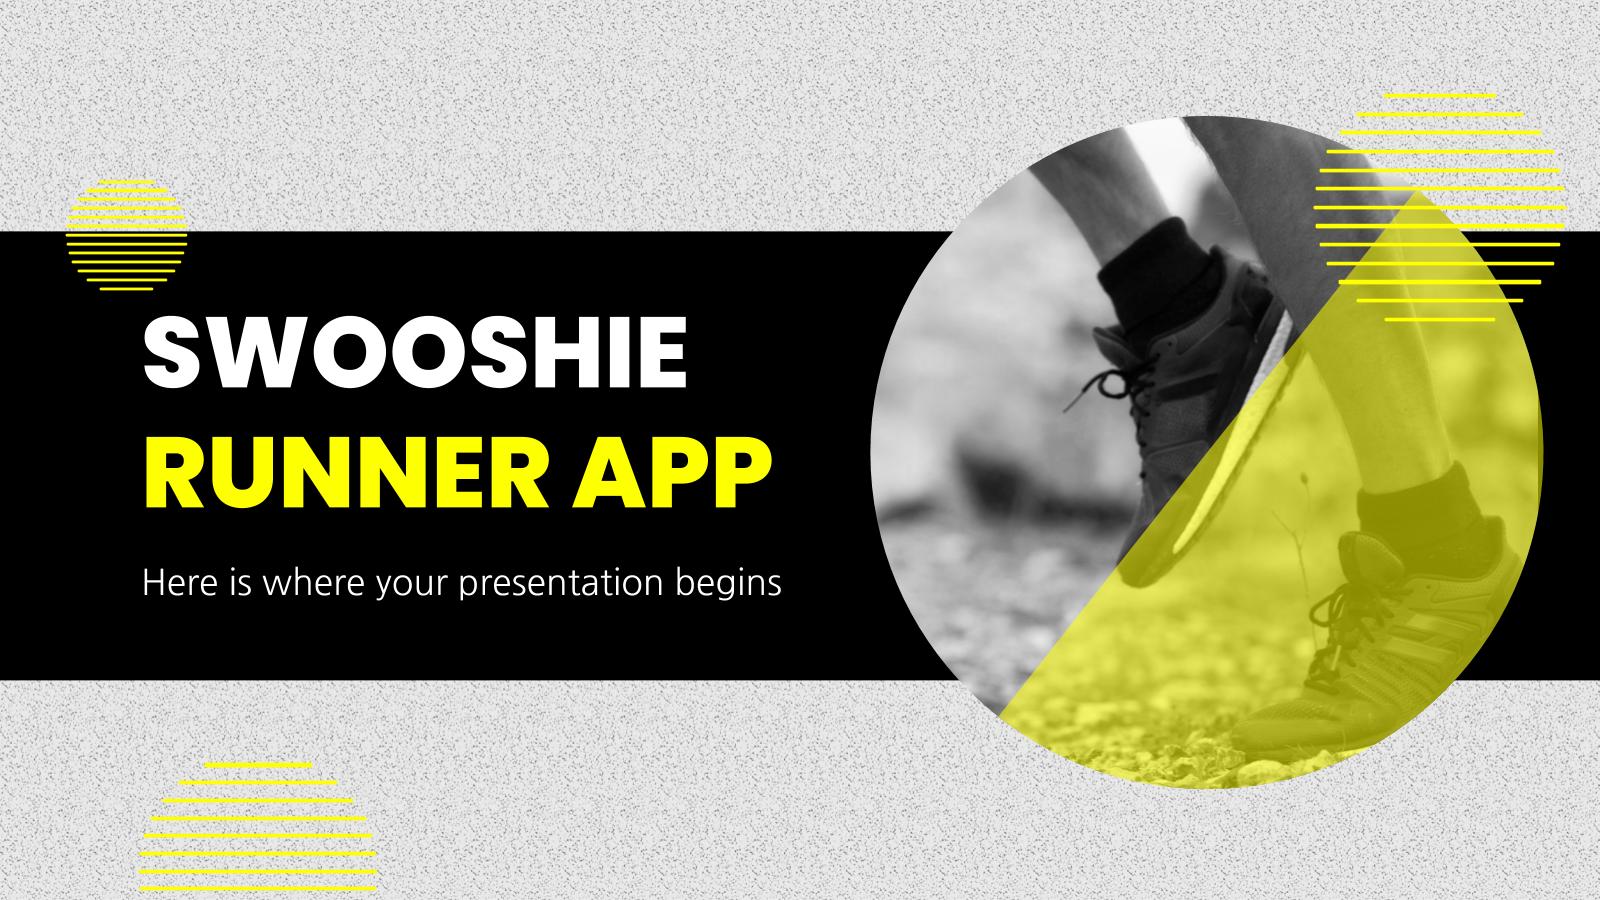 Modelo de apresentação App Swooshie para corredores